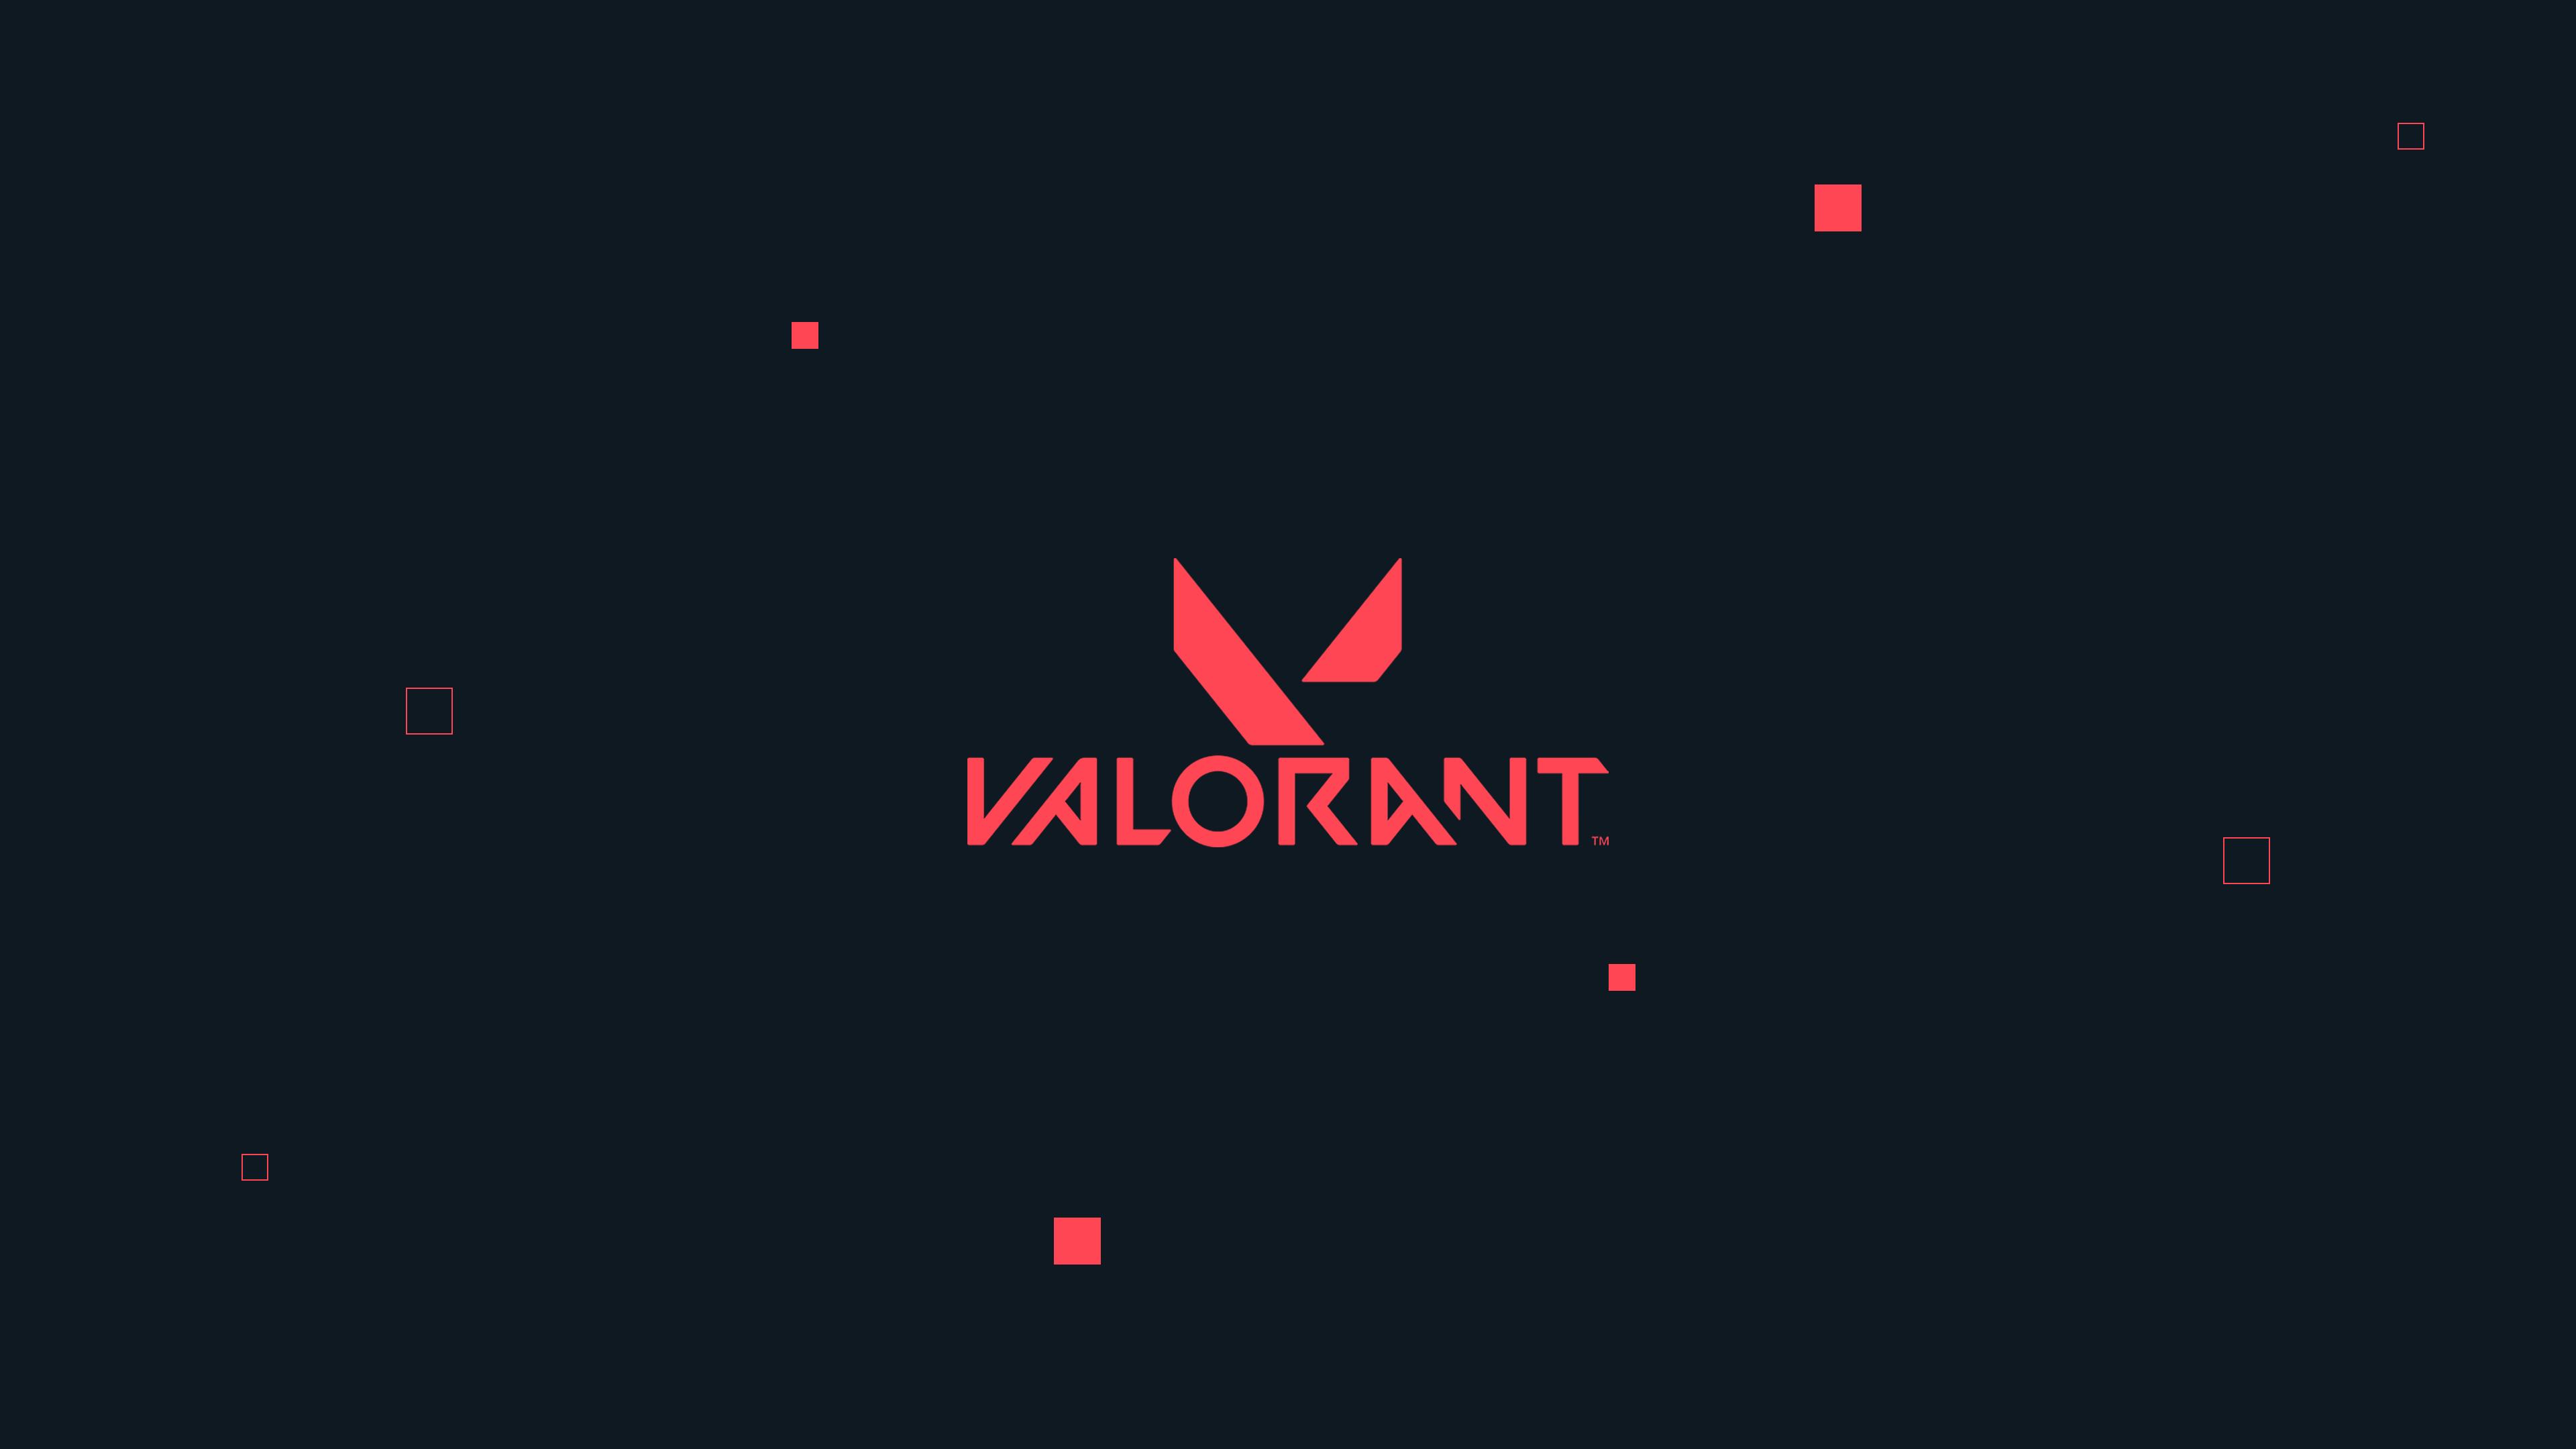 Valorant 4k Wallpapers Desktop Mobile In 2020 Desktop Wallpaper Game Logo Design Gaming Wallpapers